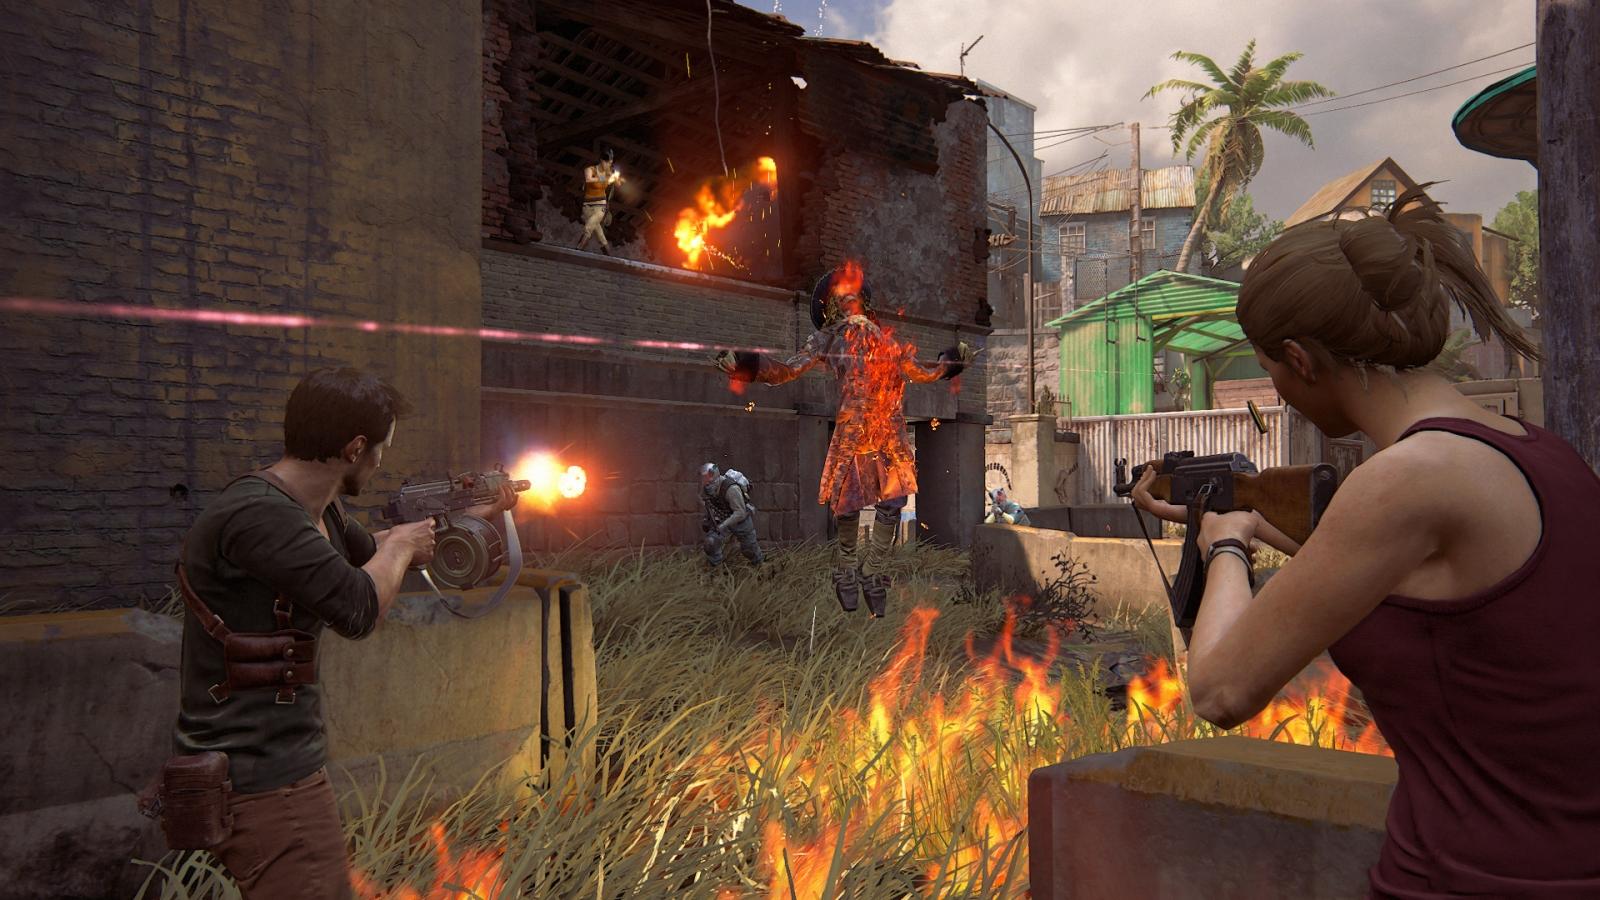 Uncharted 4 survival co-op horde mode